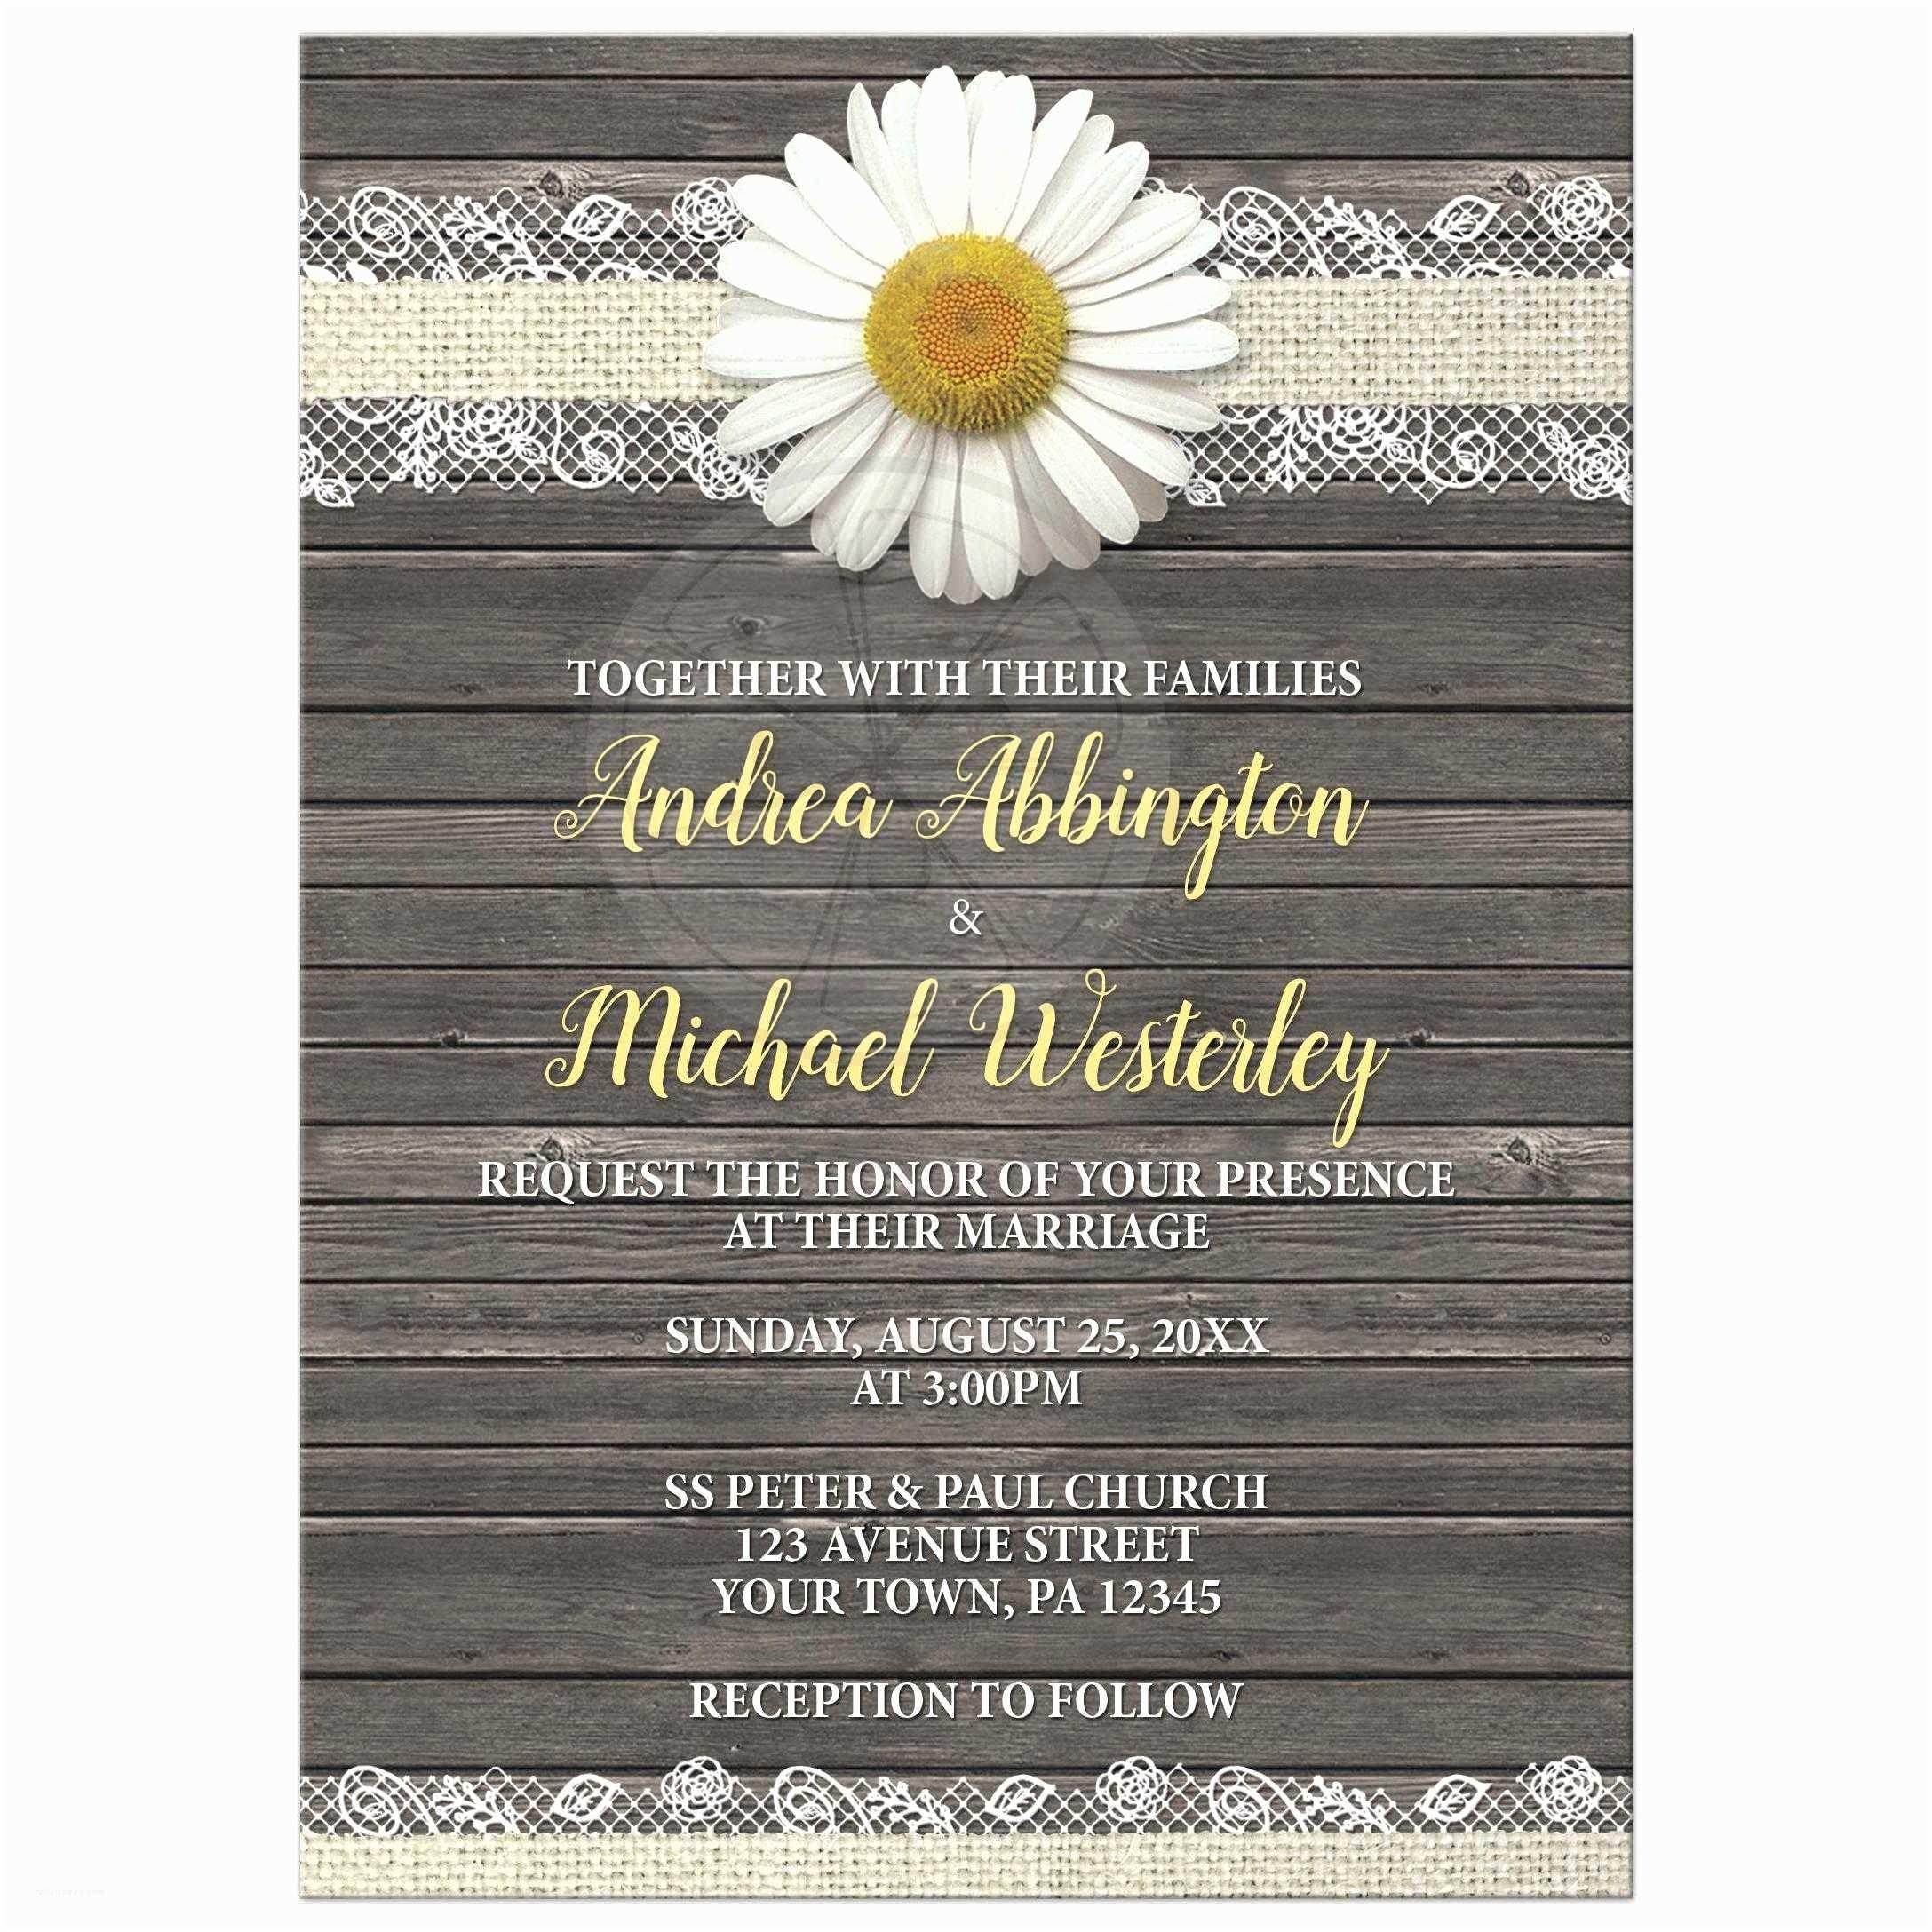 Daisy Wedding Invitations Wedding Invitations Daisy Burlap And Lace